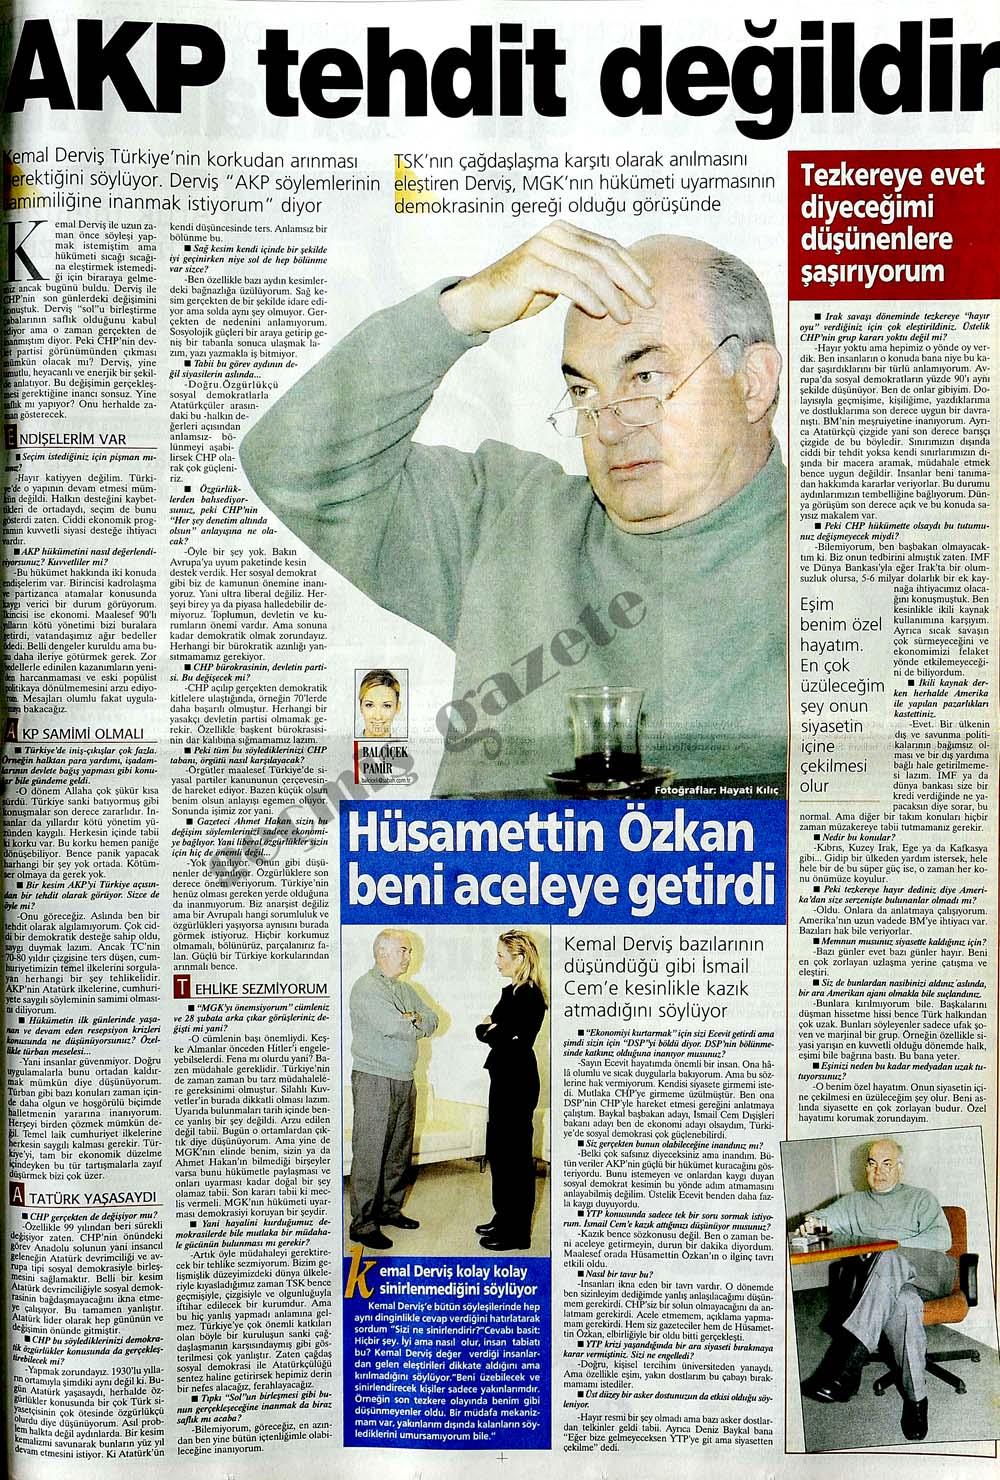 AKP tehdit değildir